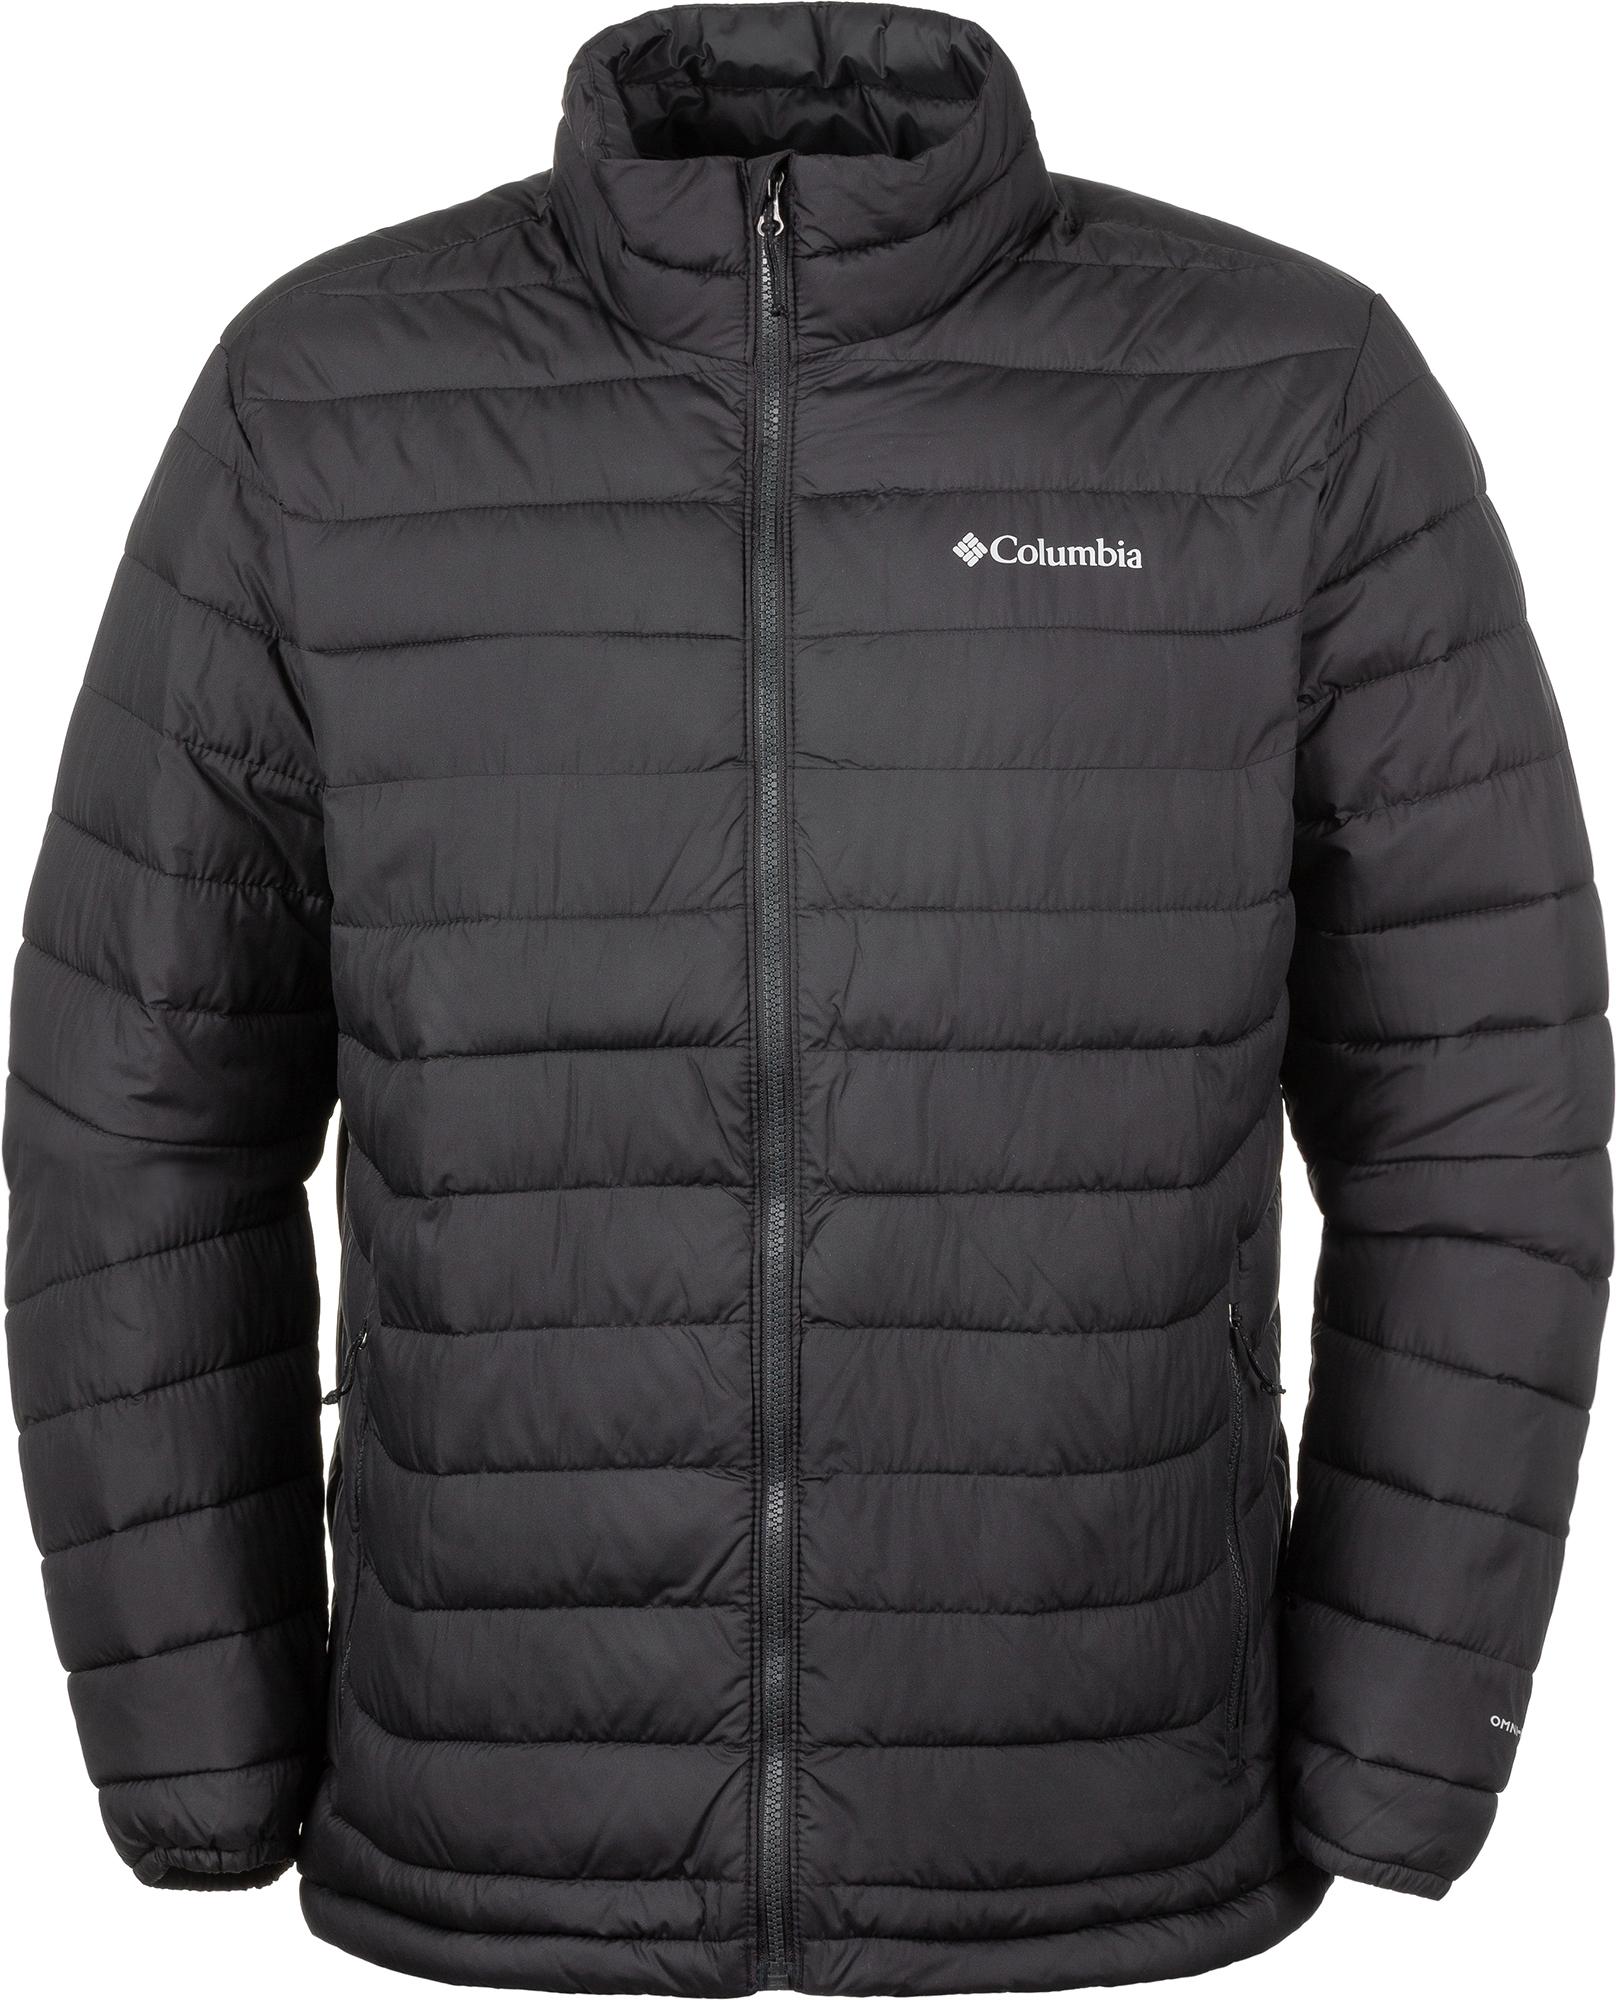 Columbia Куртка утепленная мужская Powder Lite™, размер 54